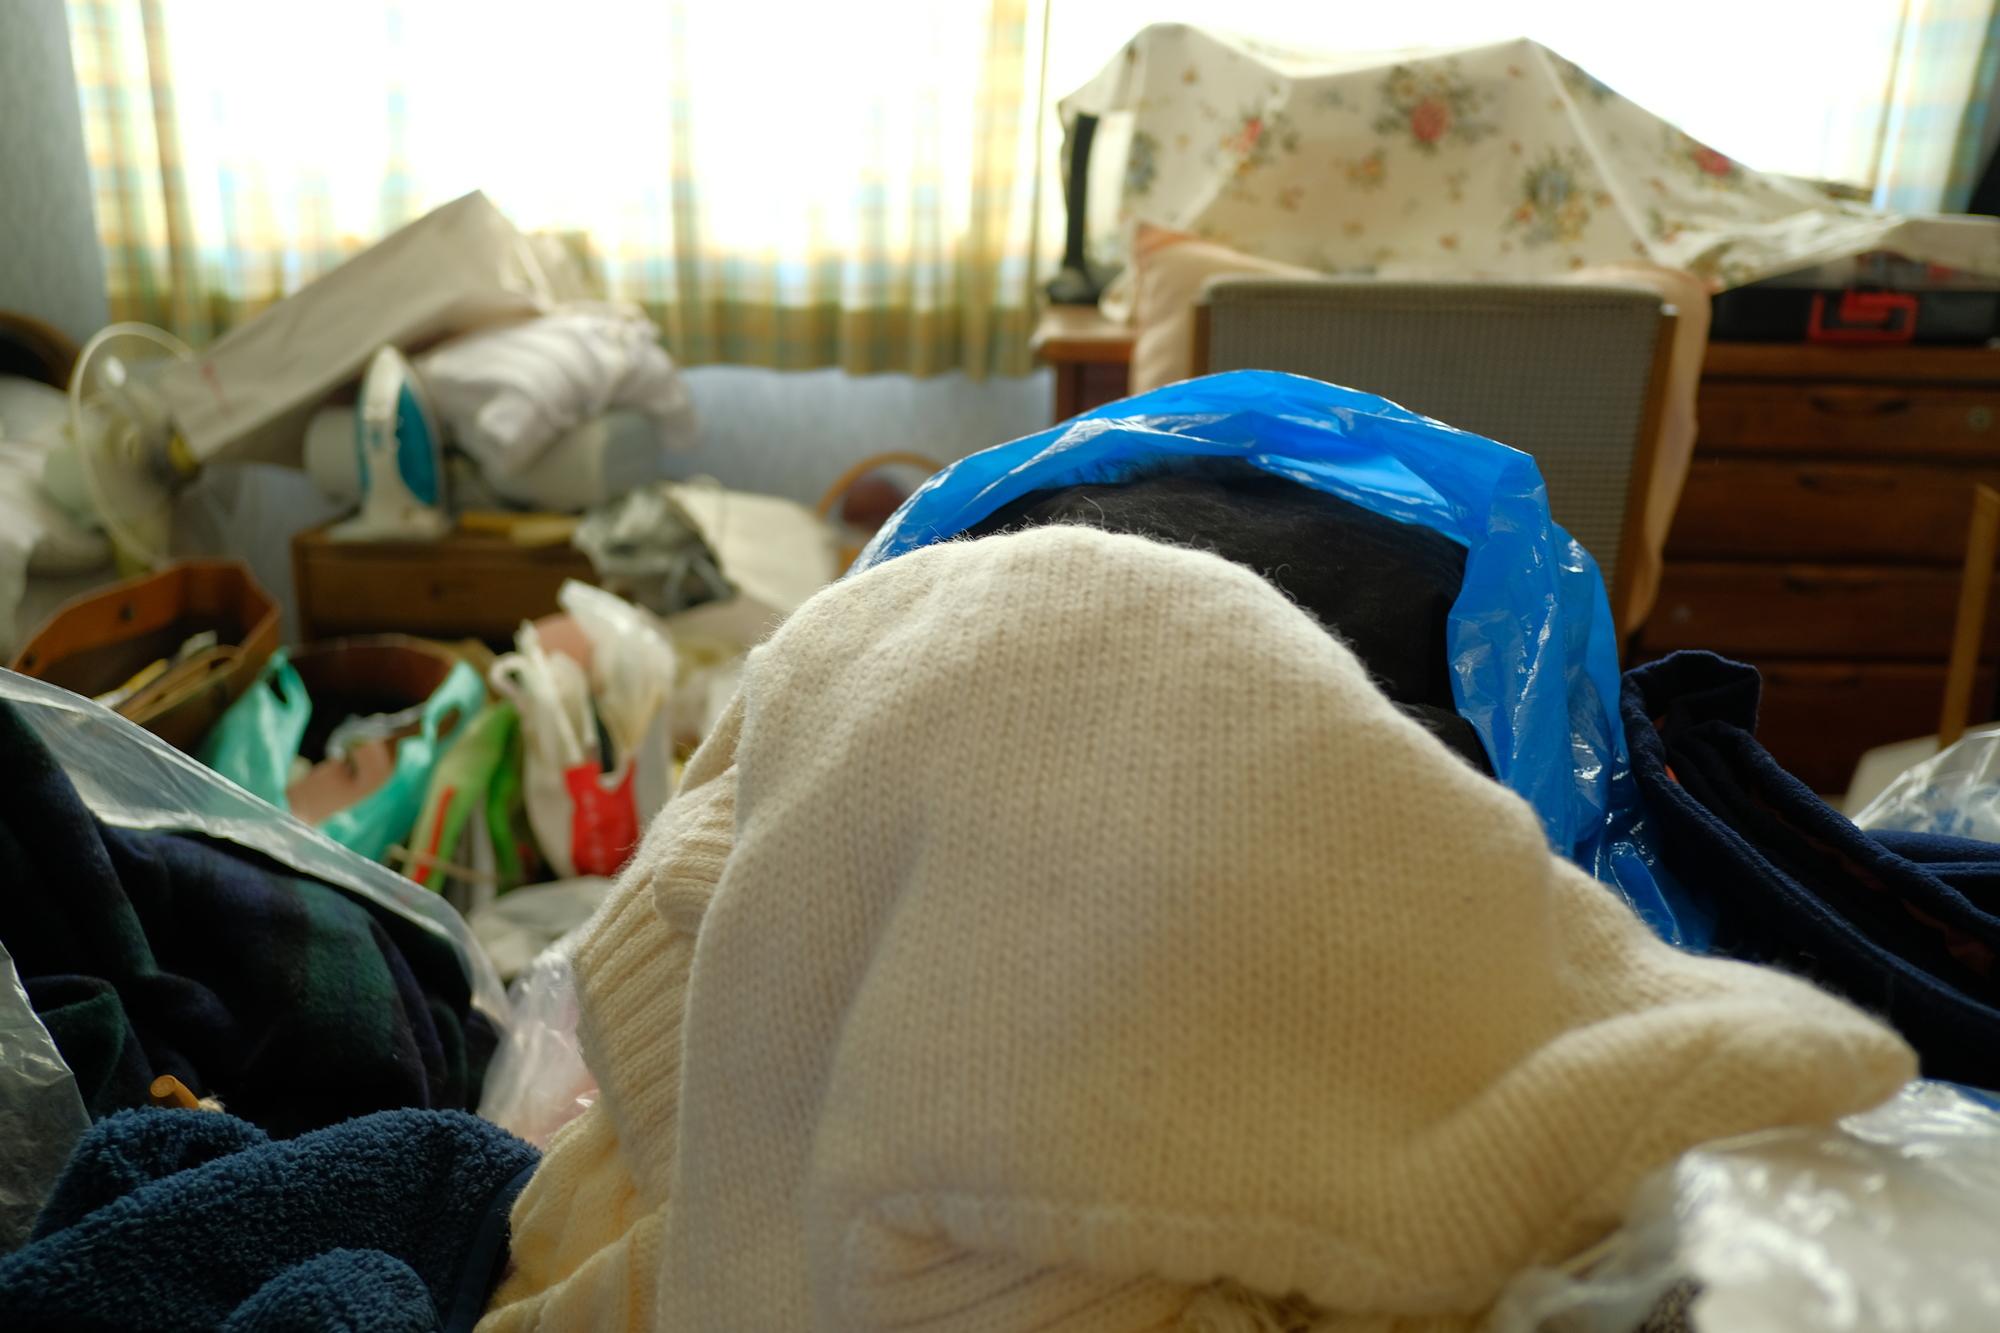 ゴミ屋敷を片付けよう!カビの除去方法を知ってクリーンな環境に